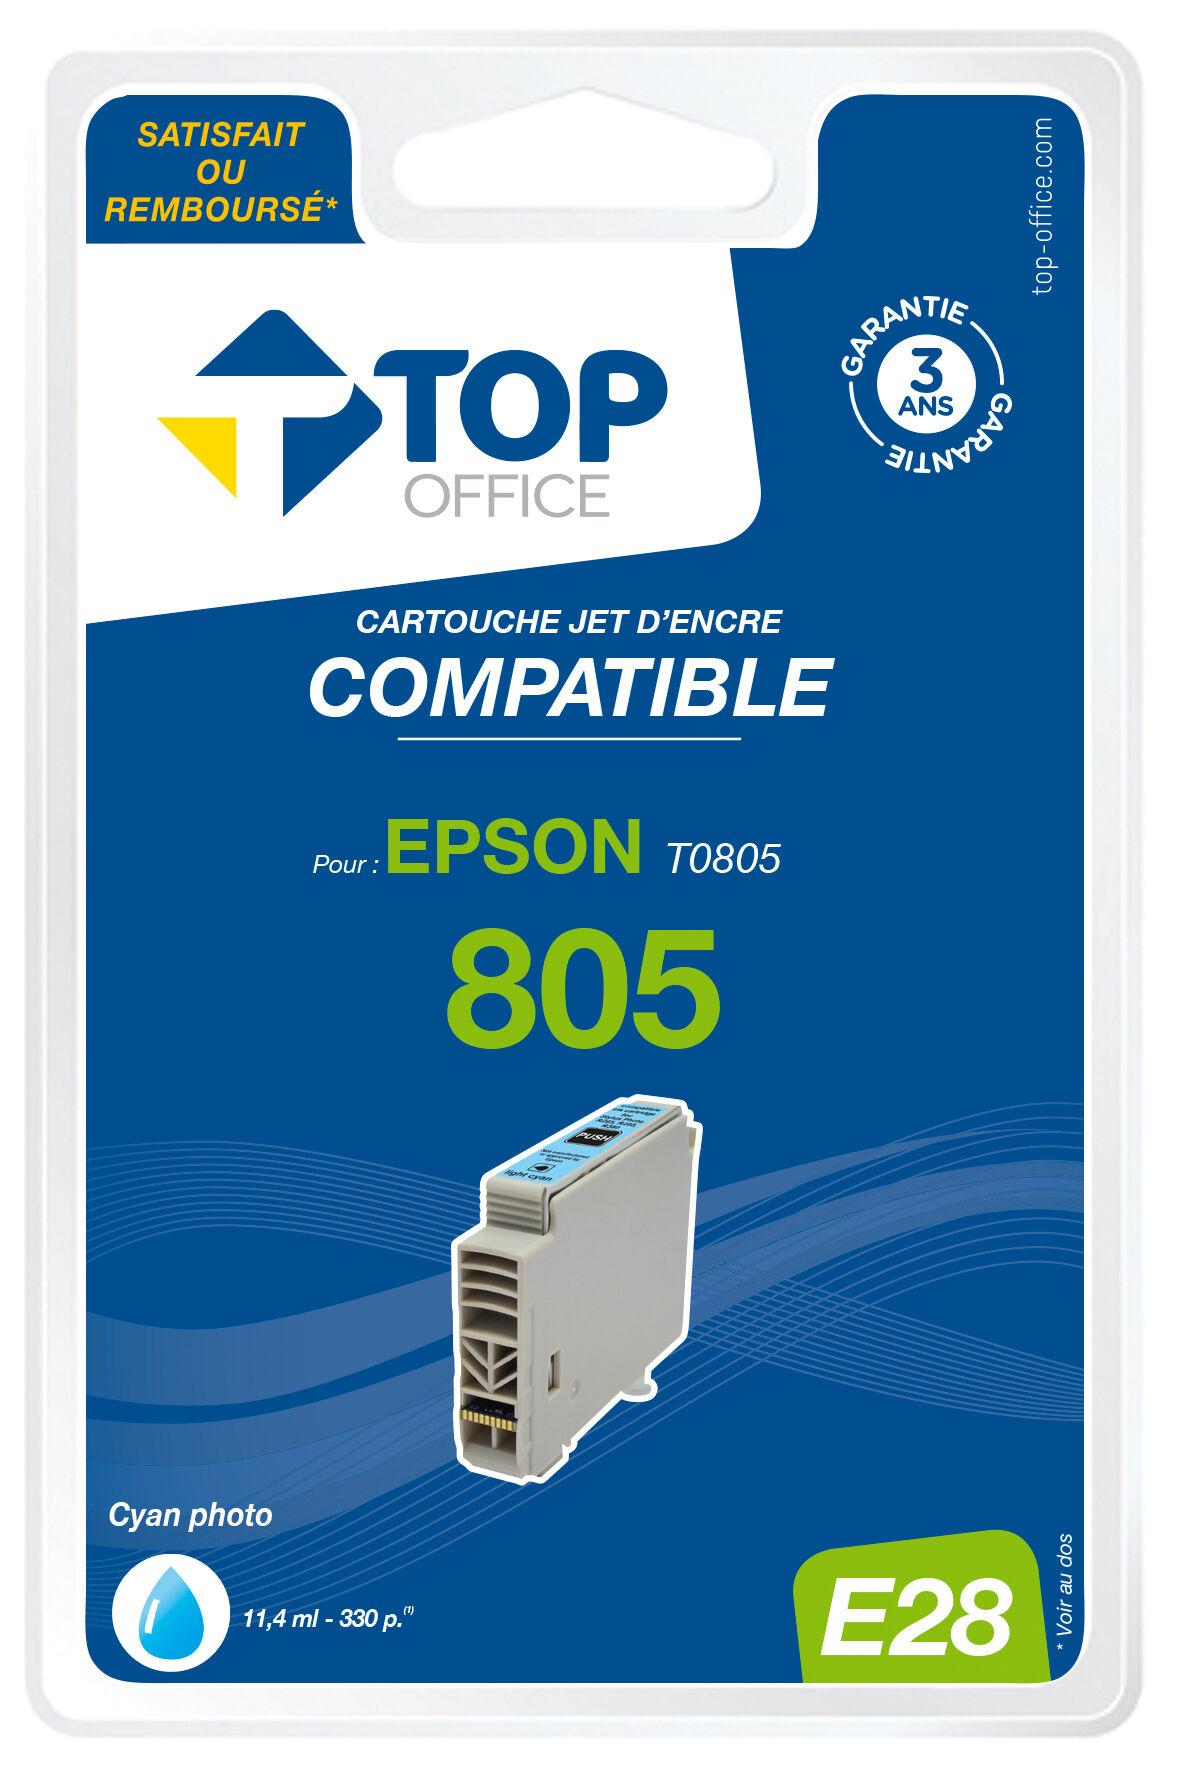 TOP OFFICE Cartouche jet d'encre compatible EPSON E28 T0805 Photo - TOP OFFICE -